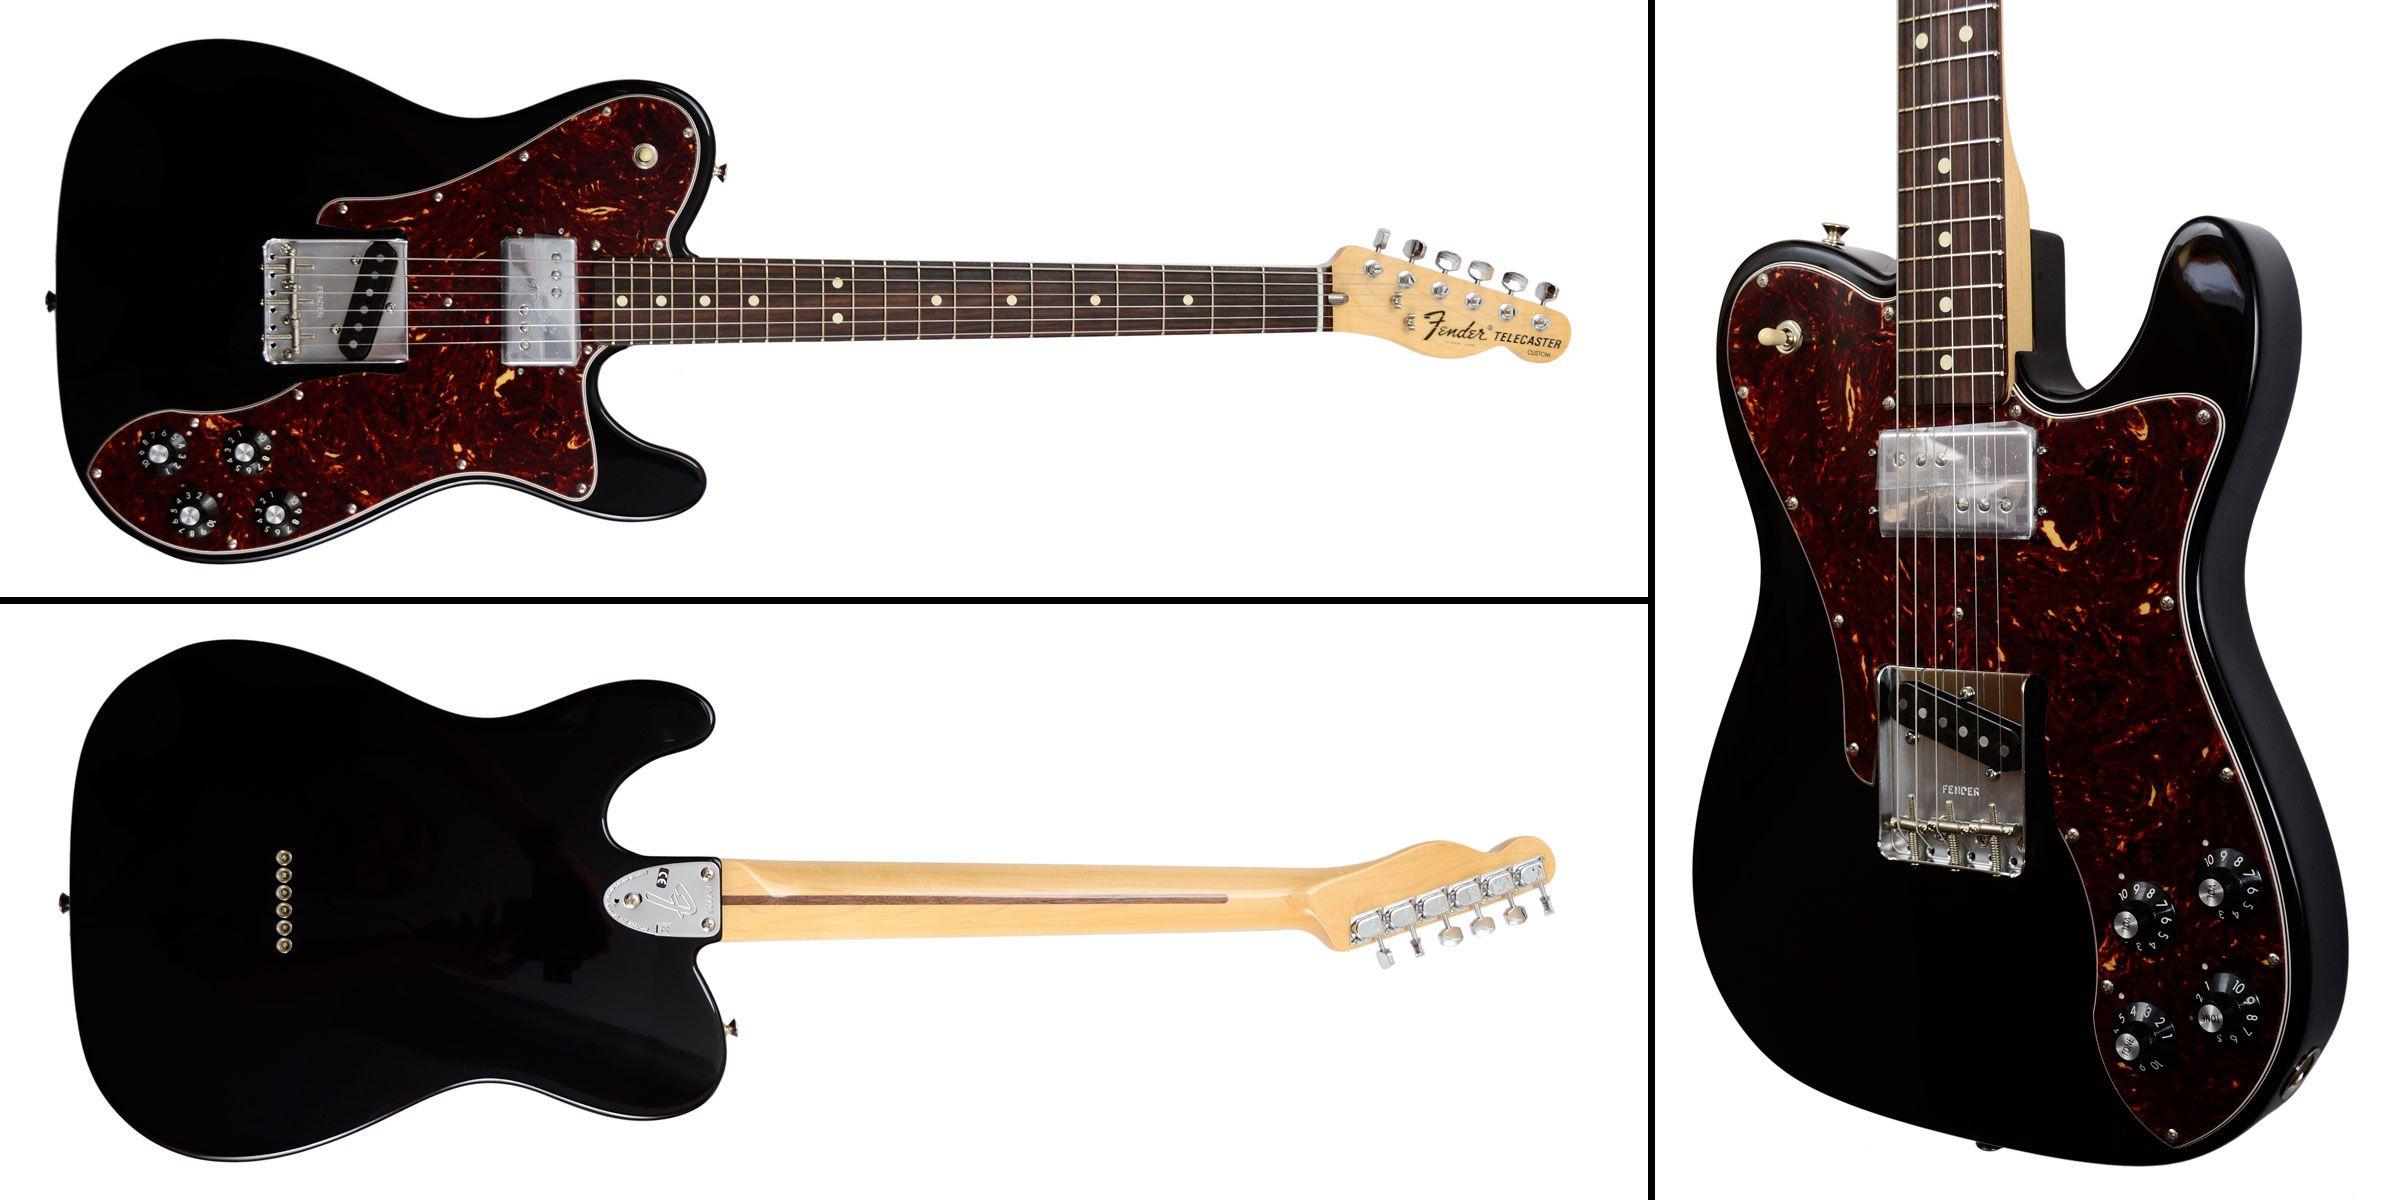 Fender American Vintage '72 Telecaster